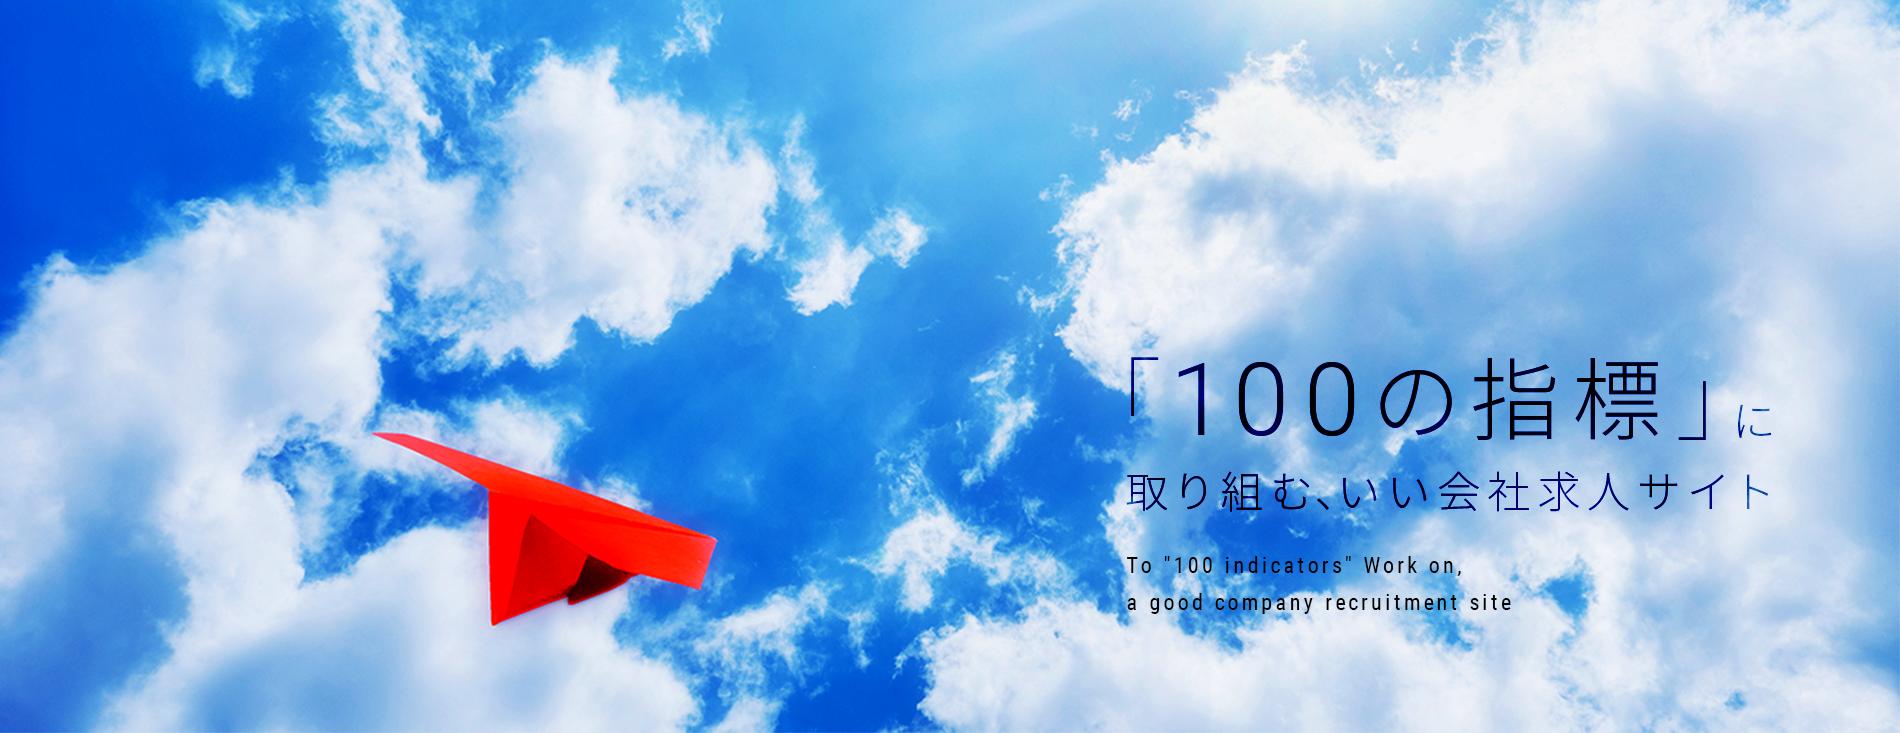 「100の指標」に取り組む、いい会社求人サイト